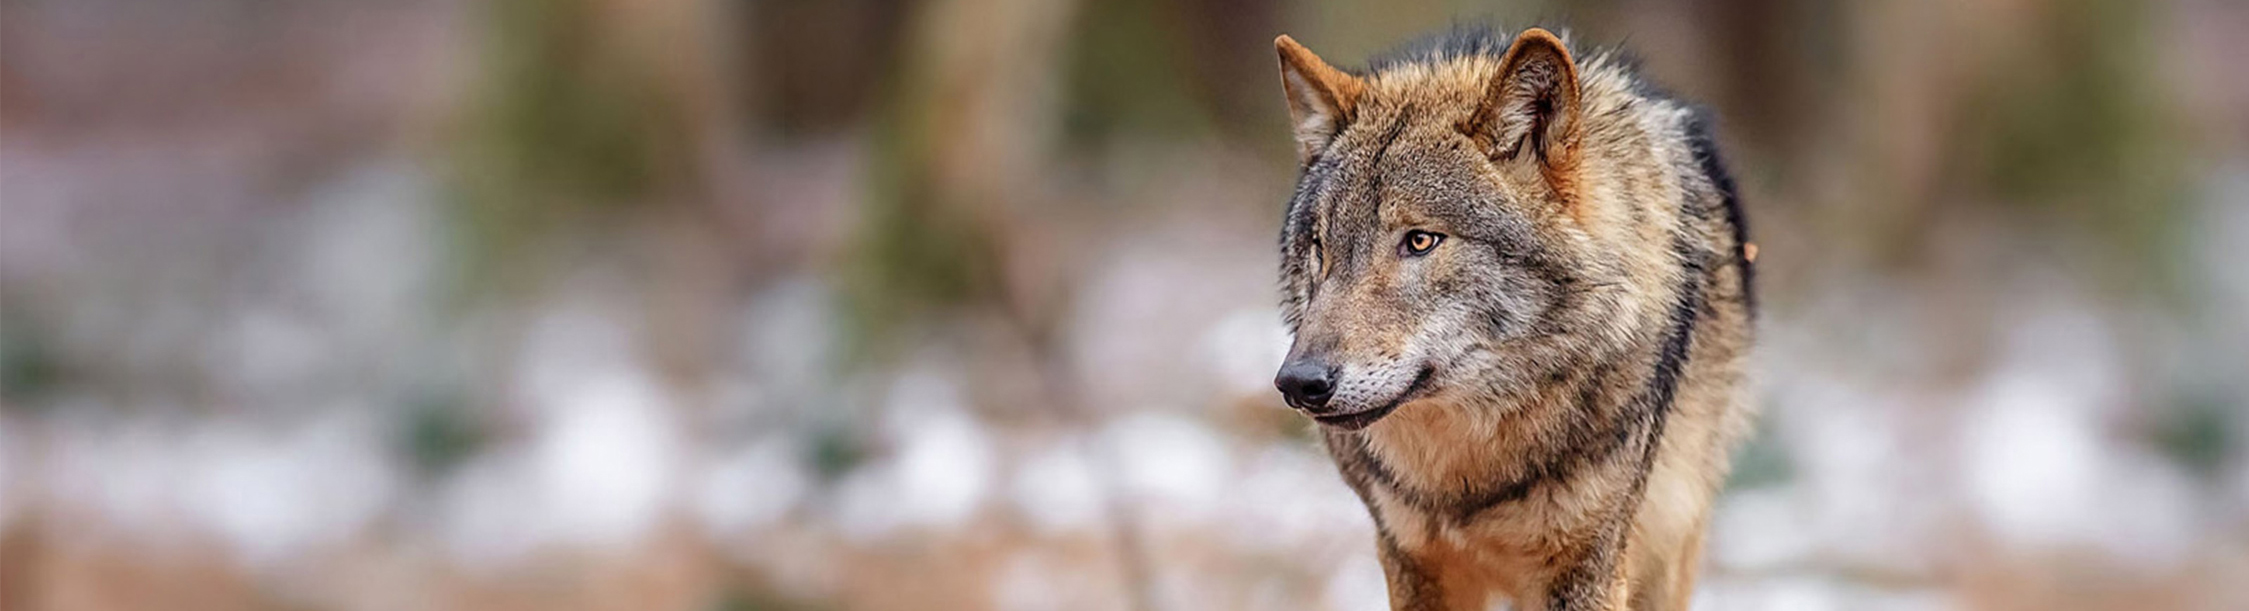 Wolfsabwehr